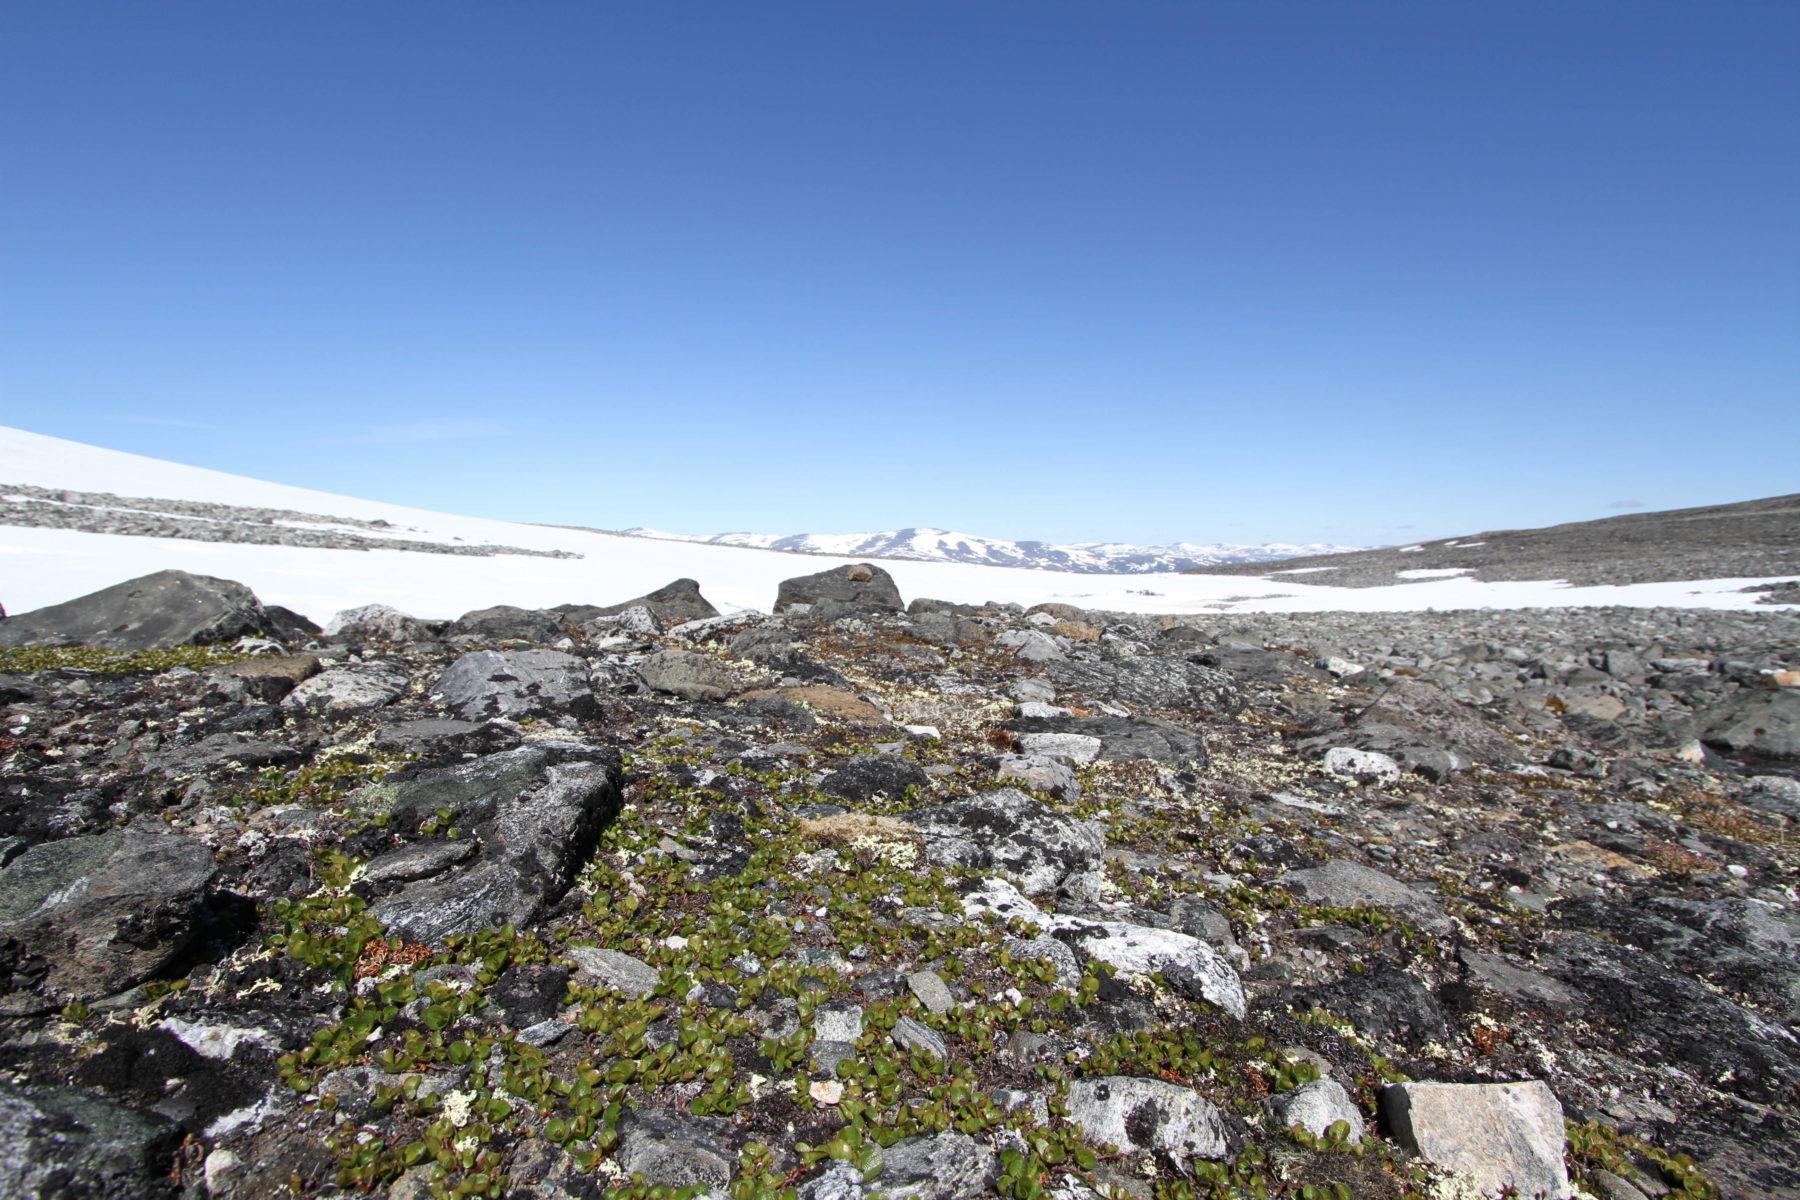 """«Å ikkje sjå skogen for bare trær"""" er jo eit uttrykk som dei fleste kjenner til. Når ein står oppe på Juvflye, godt og vel 1800 m.o.h. så er det vel heller ikkje skog ein forventar å sjå. Men ifølge den verdskjende svenske vitskapsmannen Carl von Linné er musøyra det minste tre i verda – så skogen veks tett sjølv oppå Juvflye."""